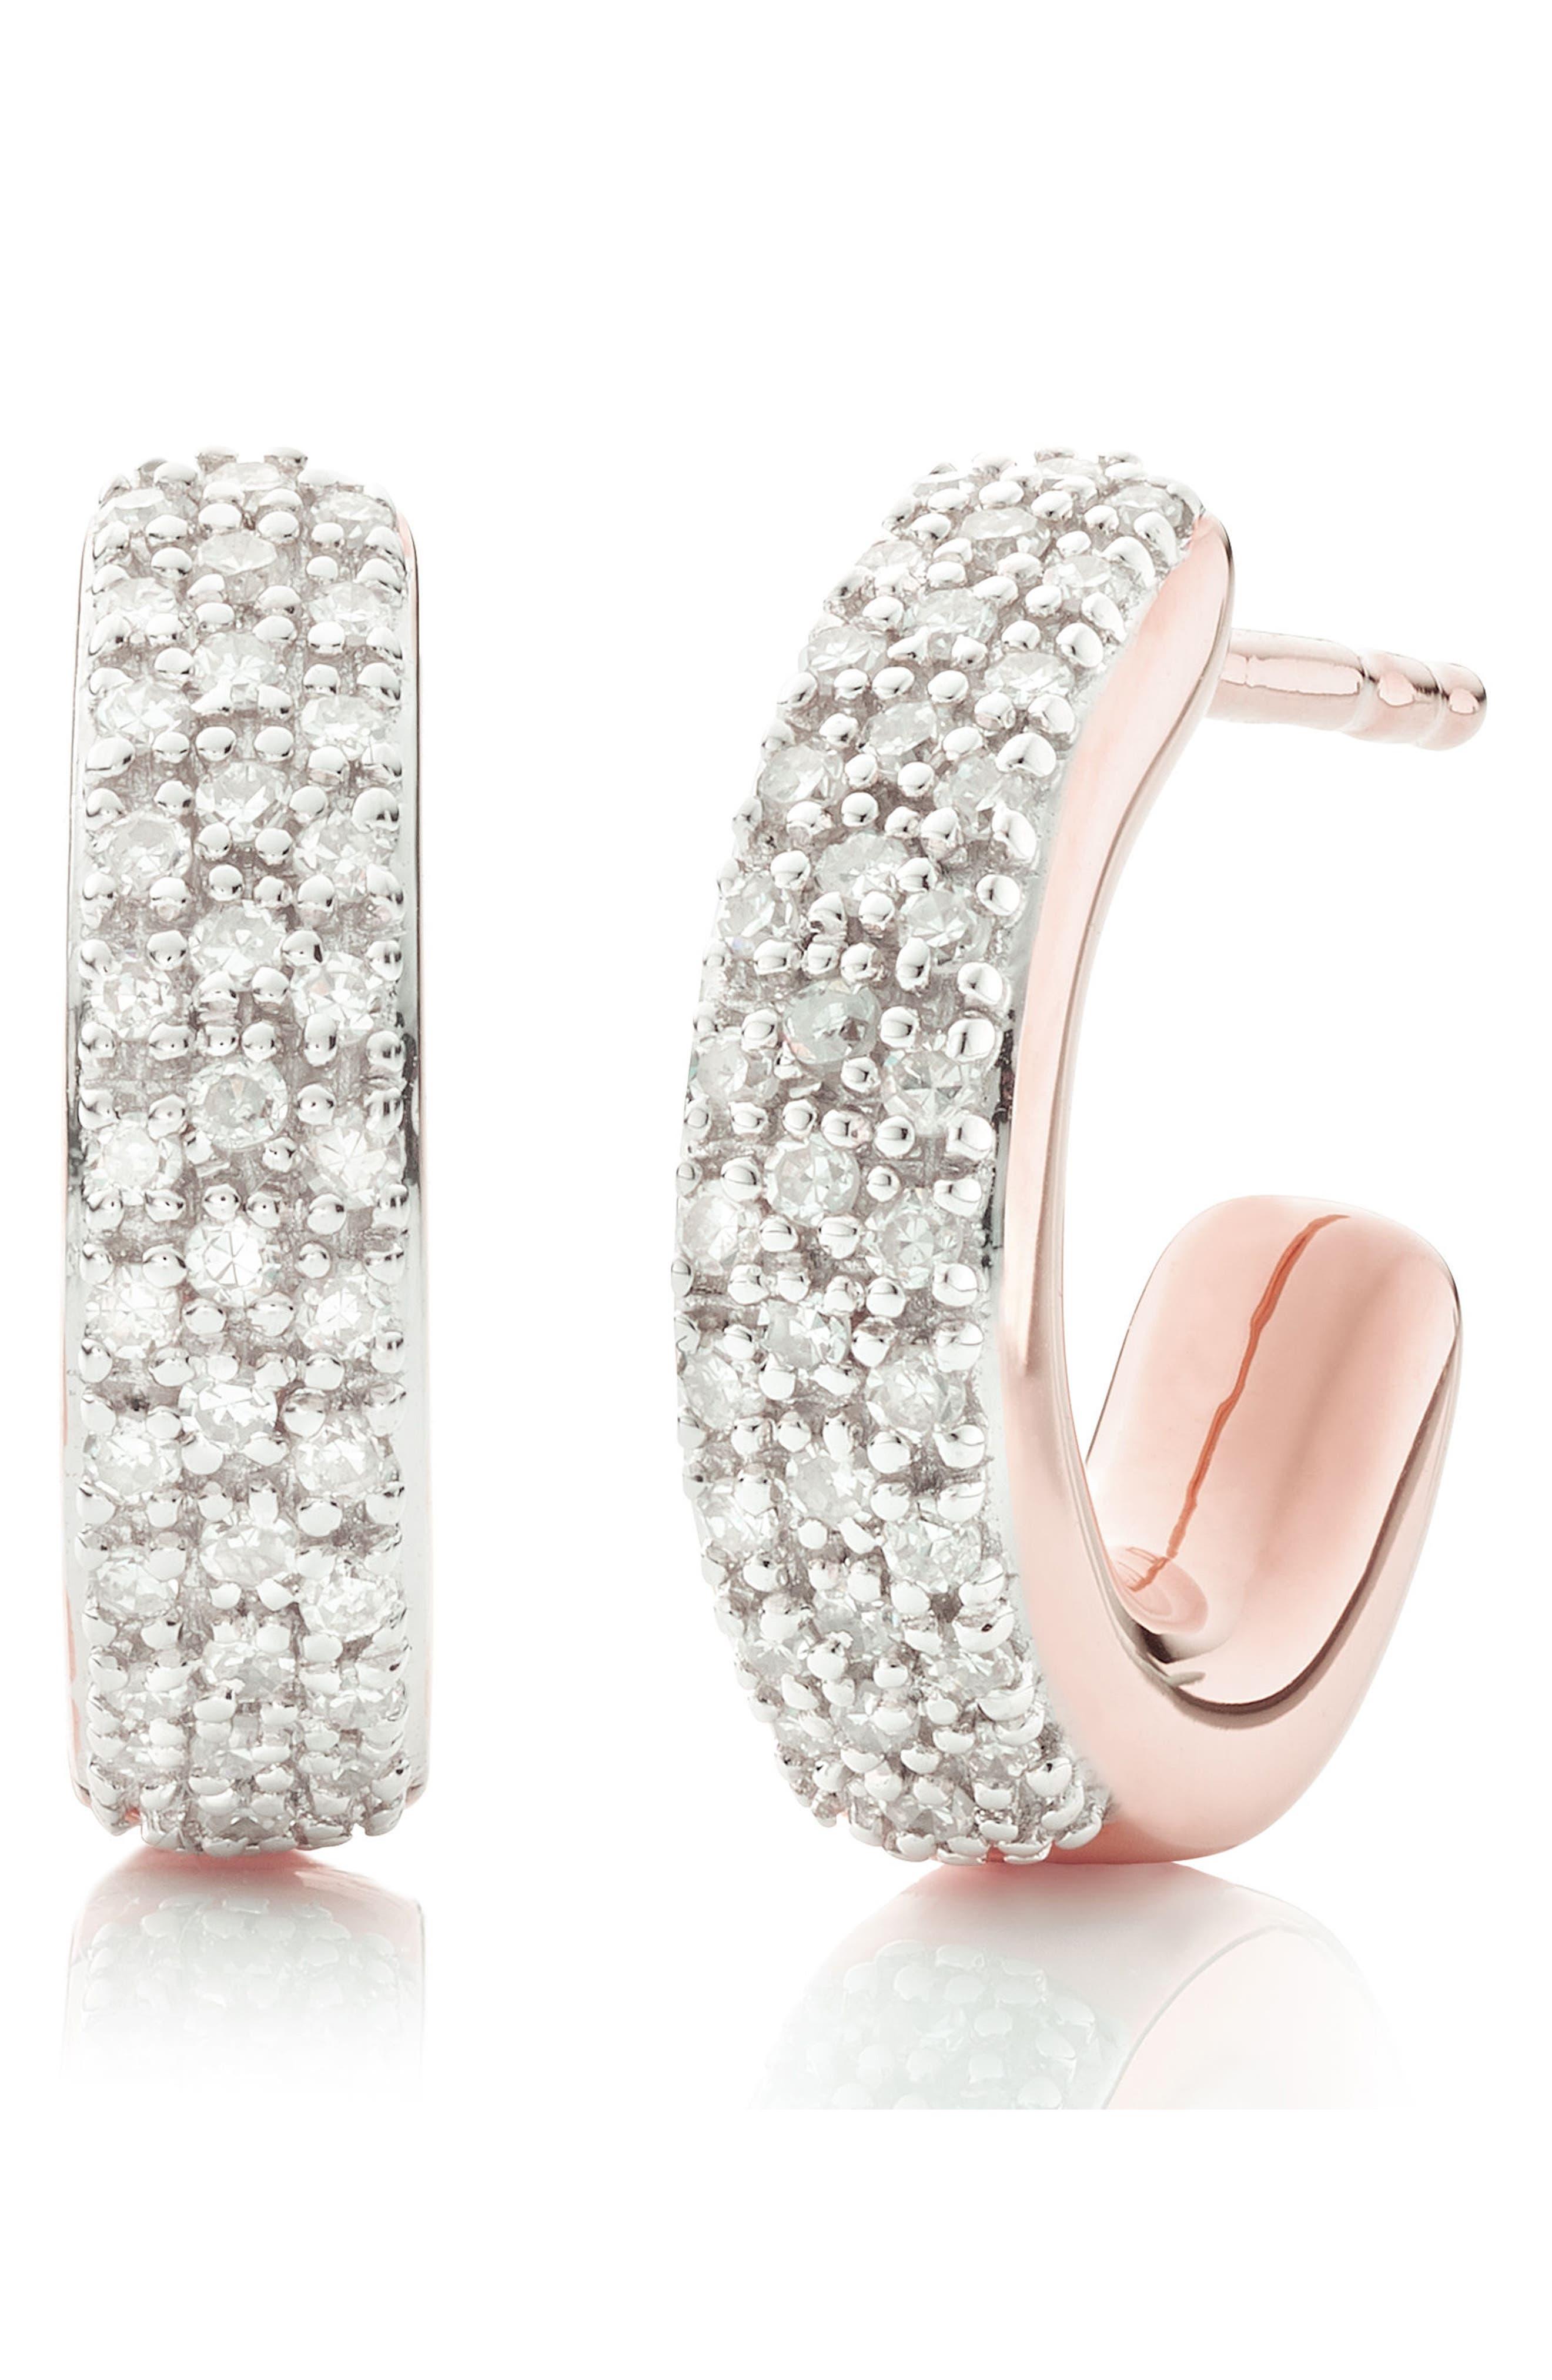 Fiji Mini Diamond Hoop Earrings,                             Main thumbnail 1, color,                             ROSE GOLD